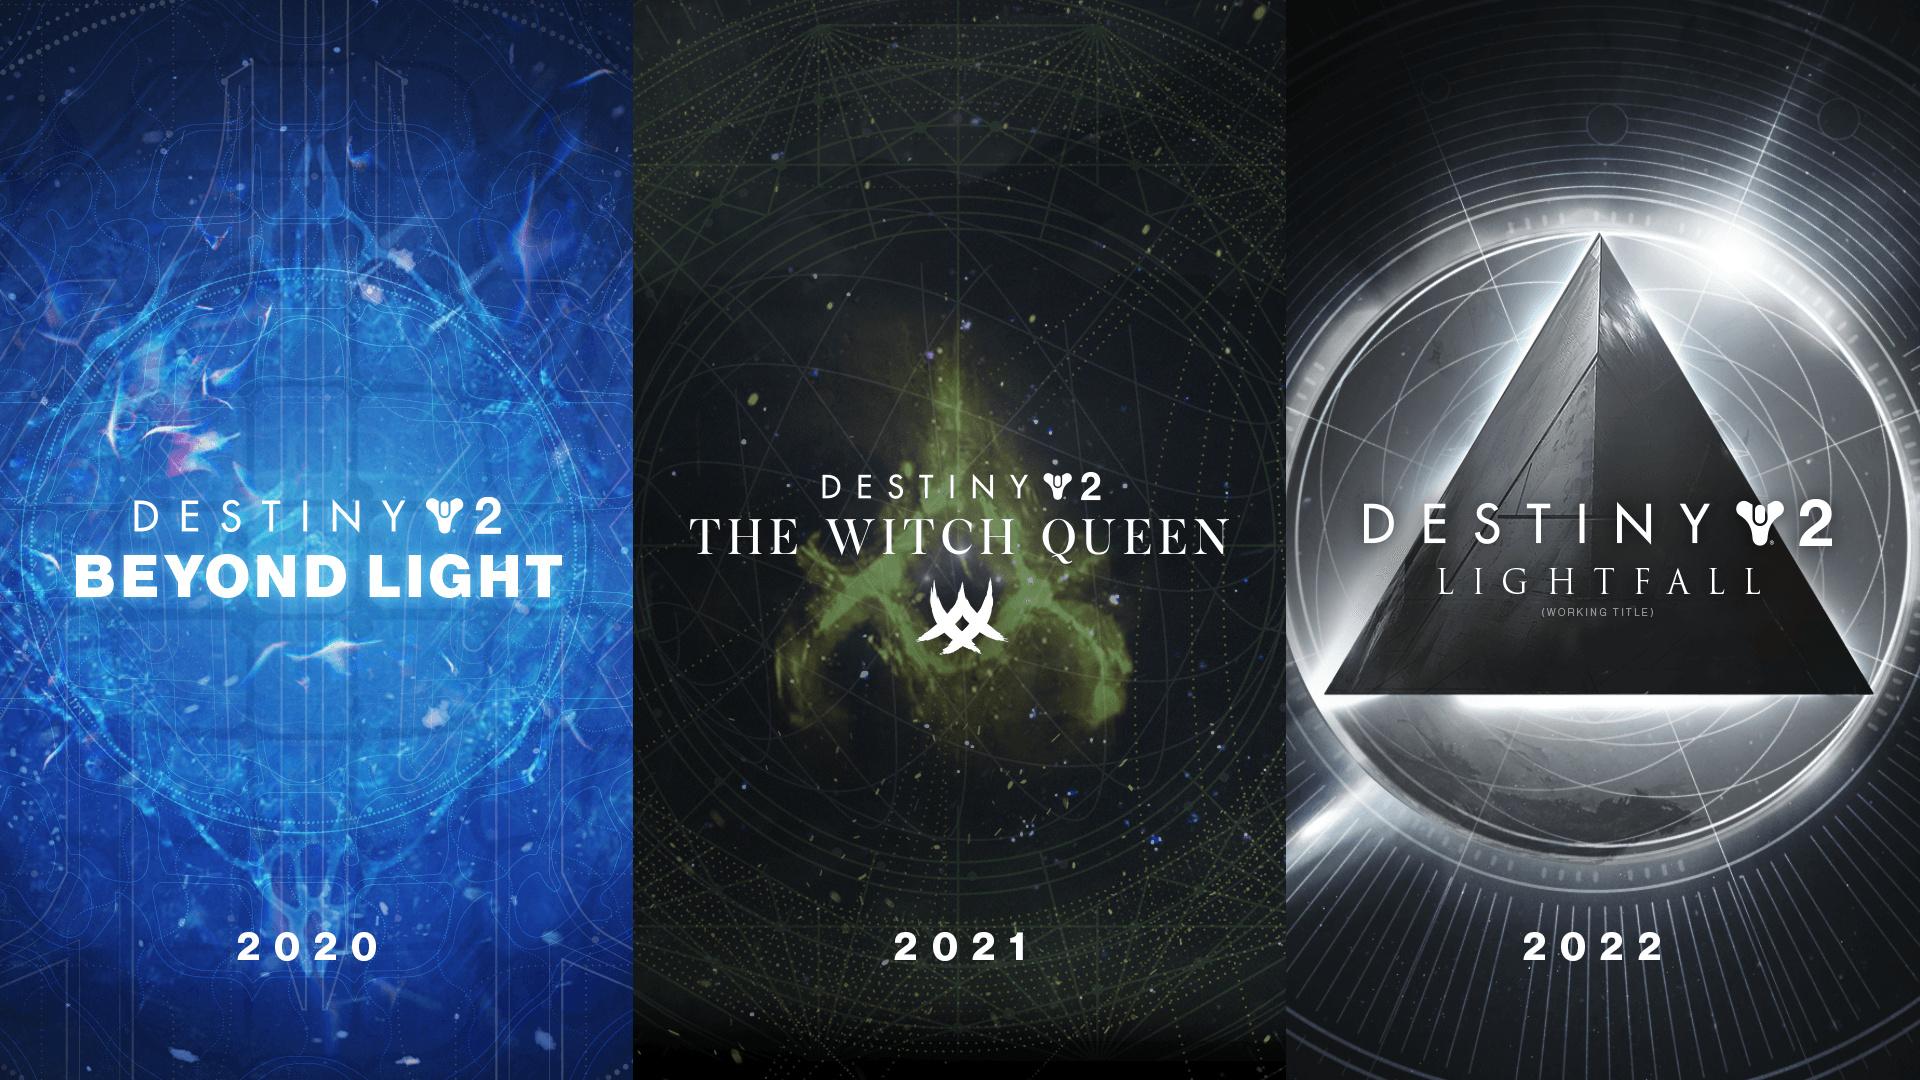 Destiny 2 erhält bis zum Herbst 2022 insgesamt drei neue Erweiterungen